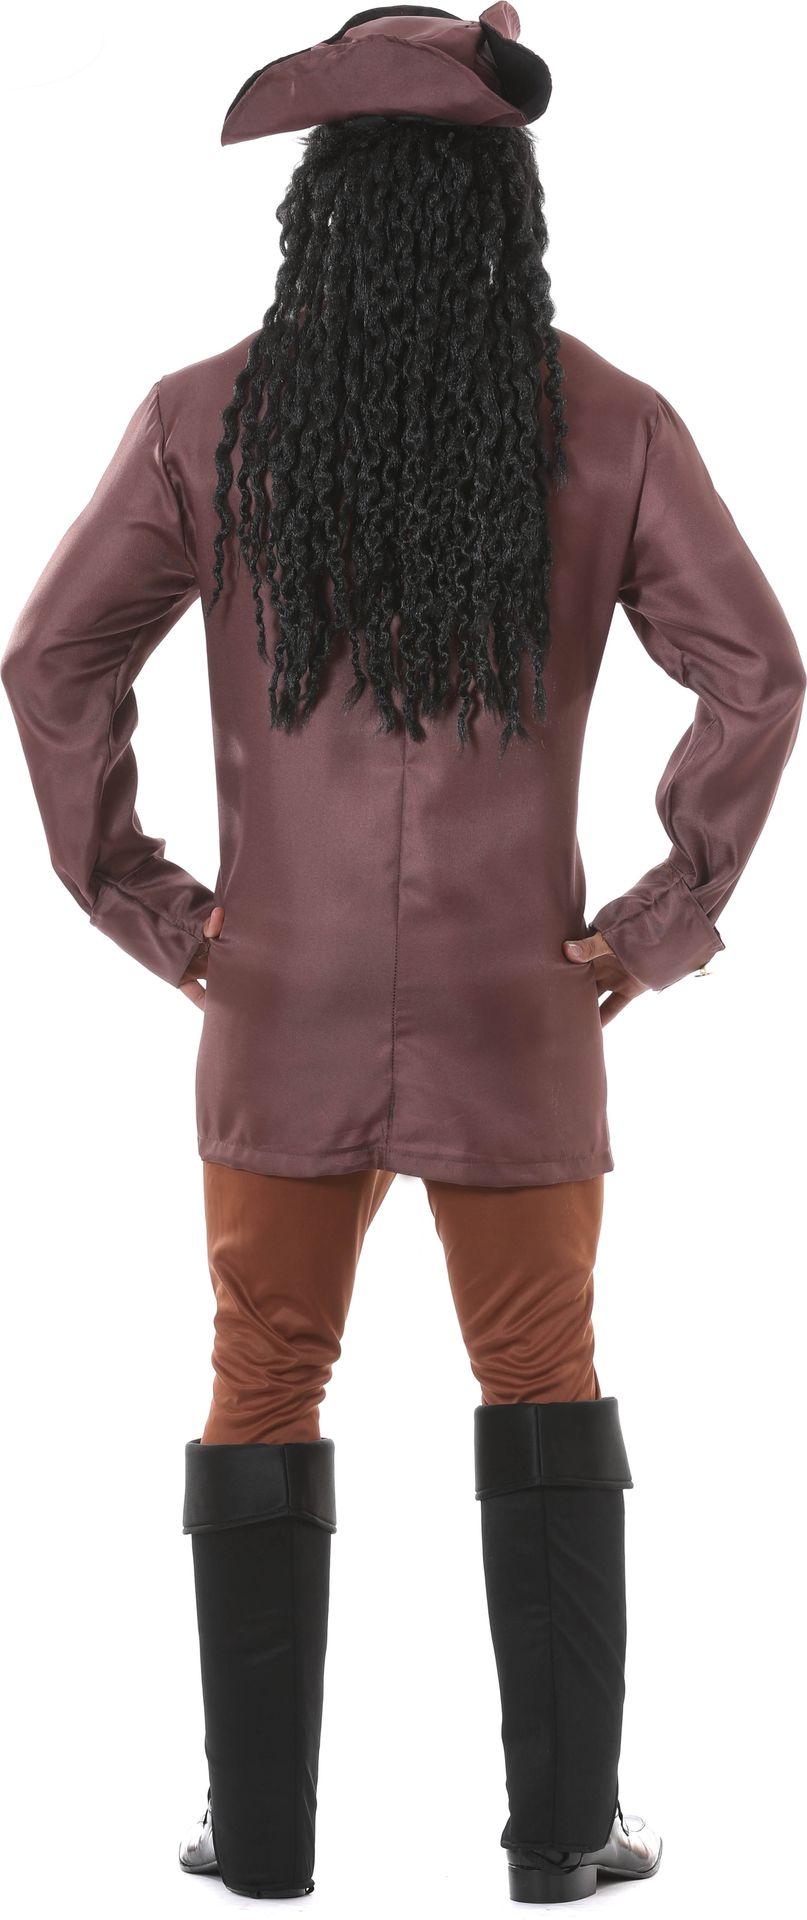 Piraten kapitein kostuum